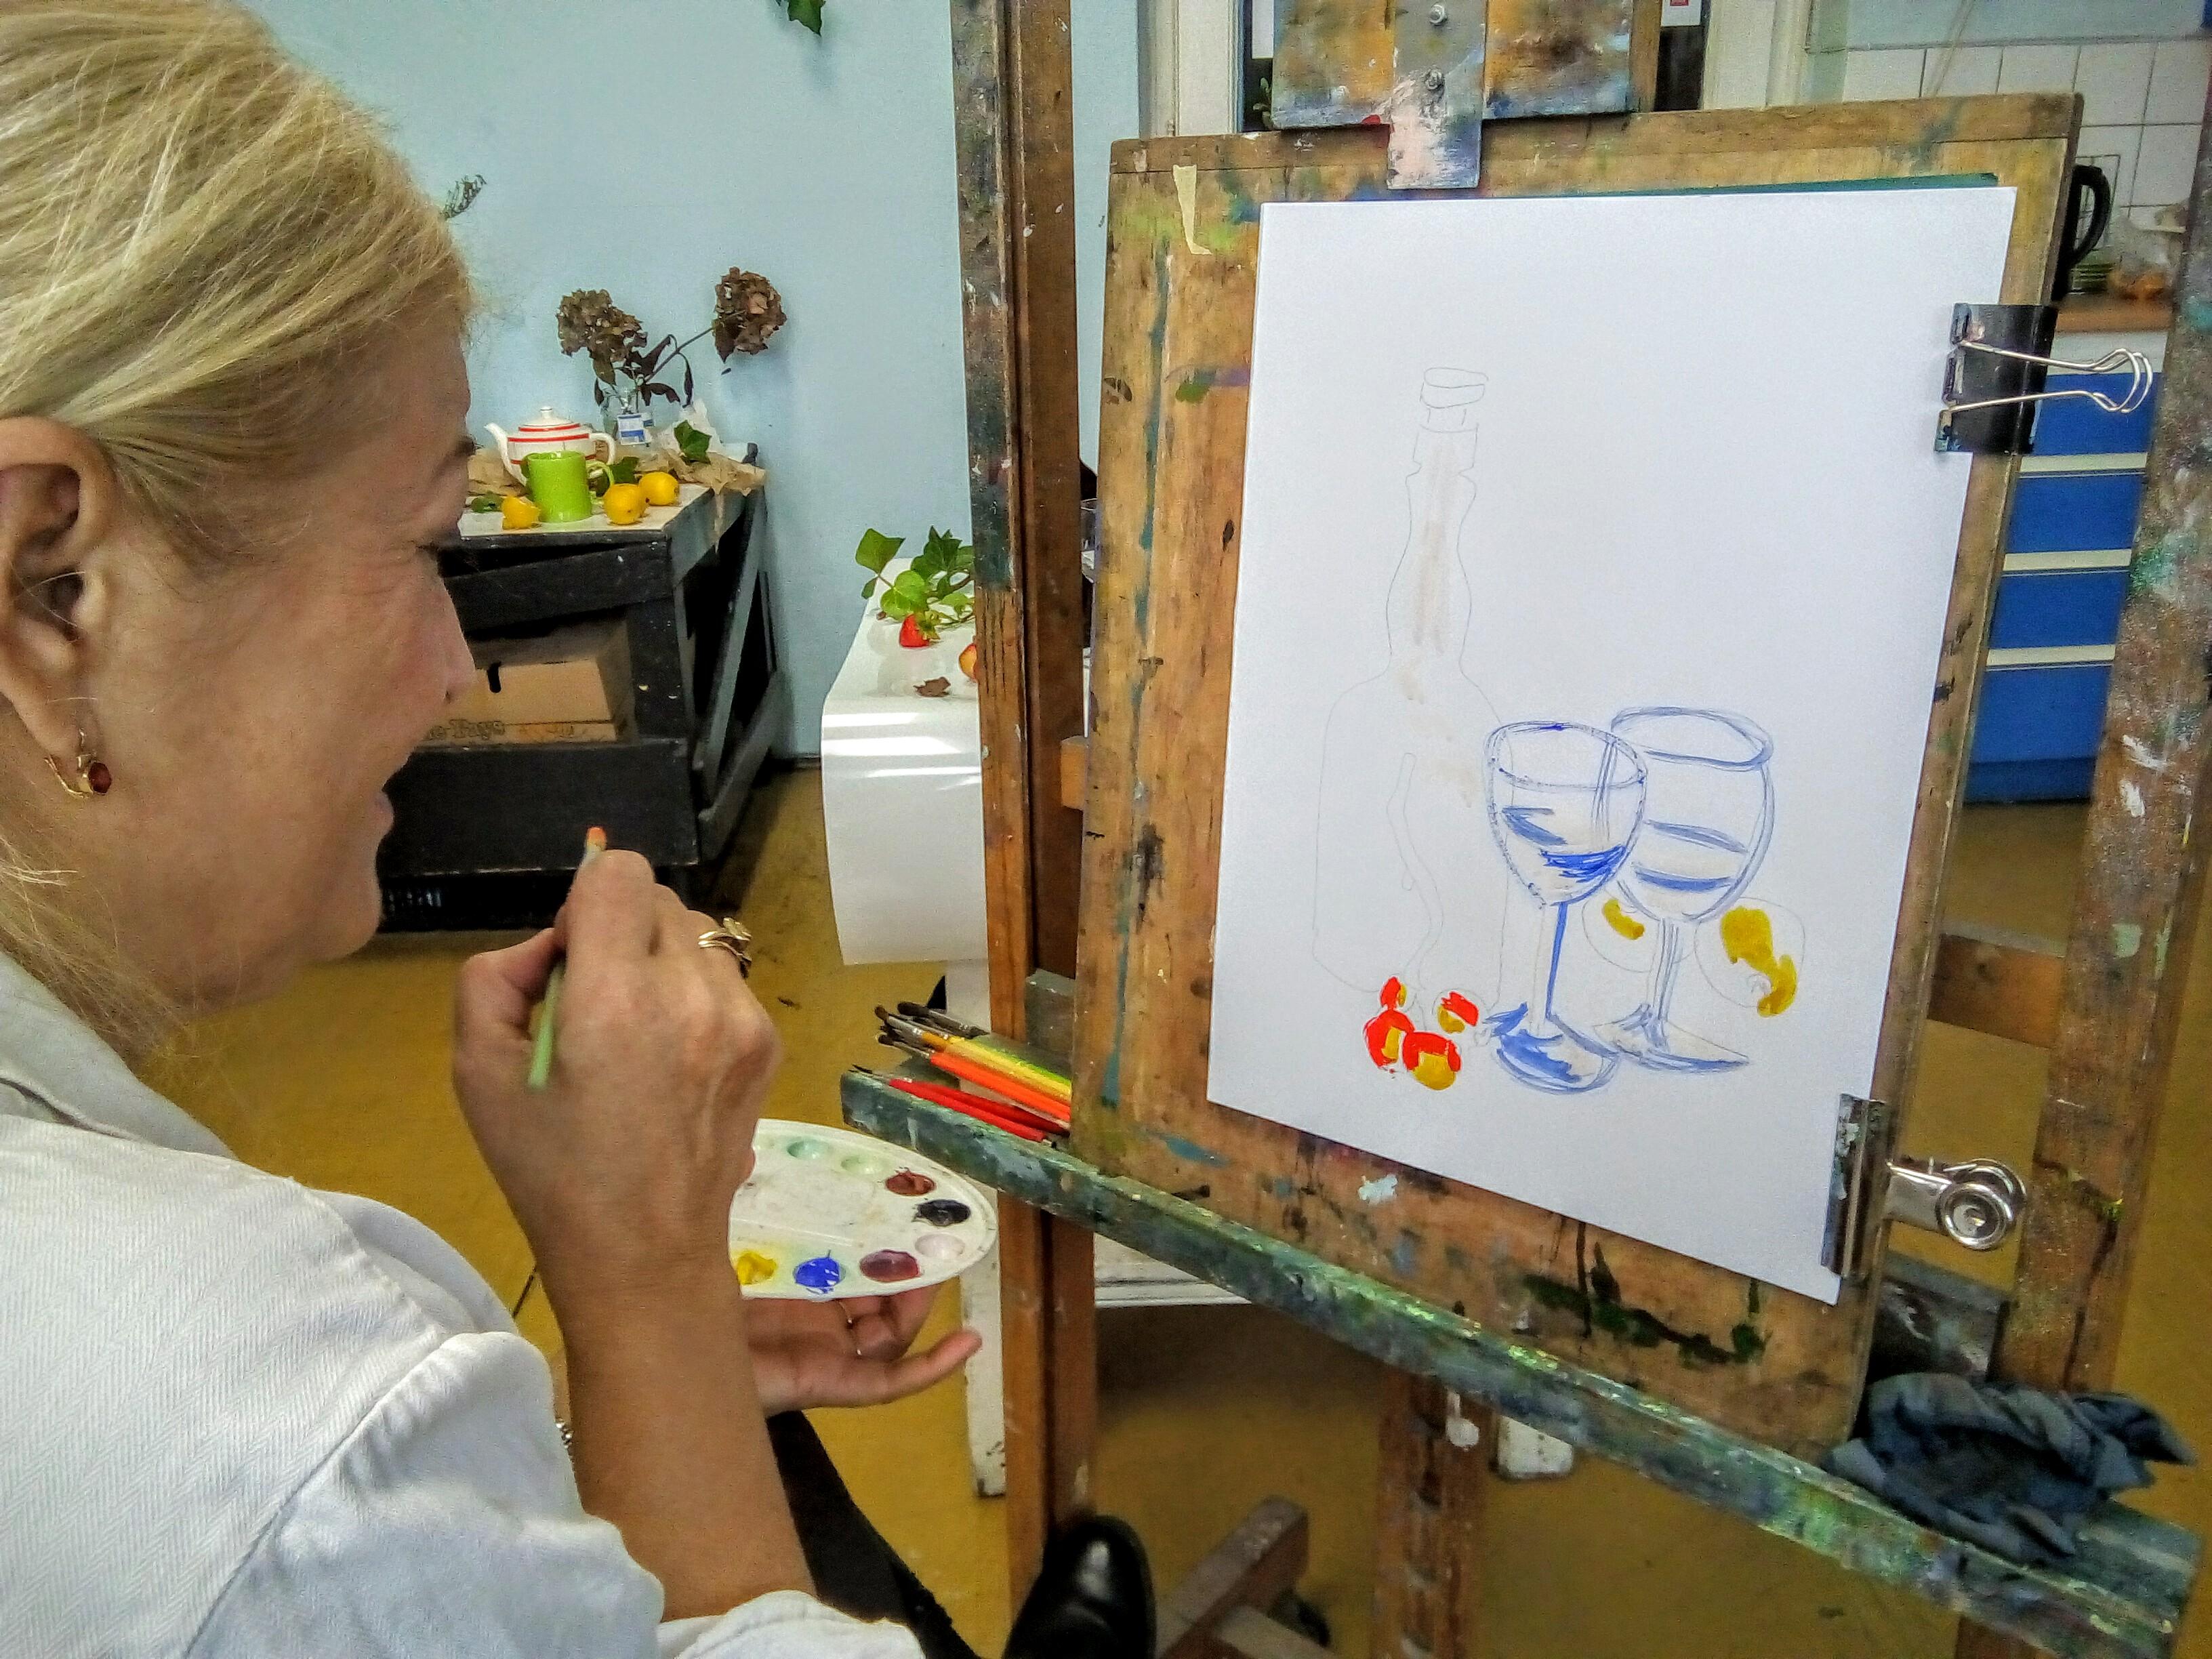 Atelier Praga Prima Kurzy Kresby A Olejomalby Aktuality